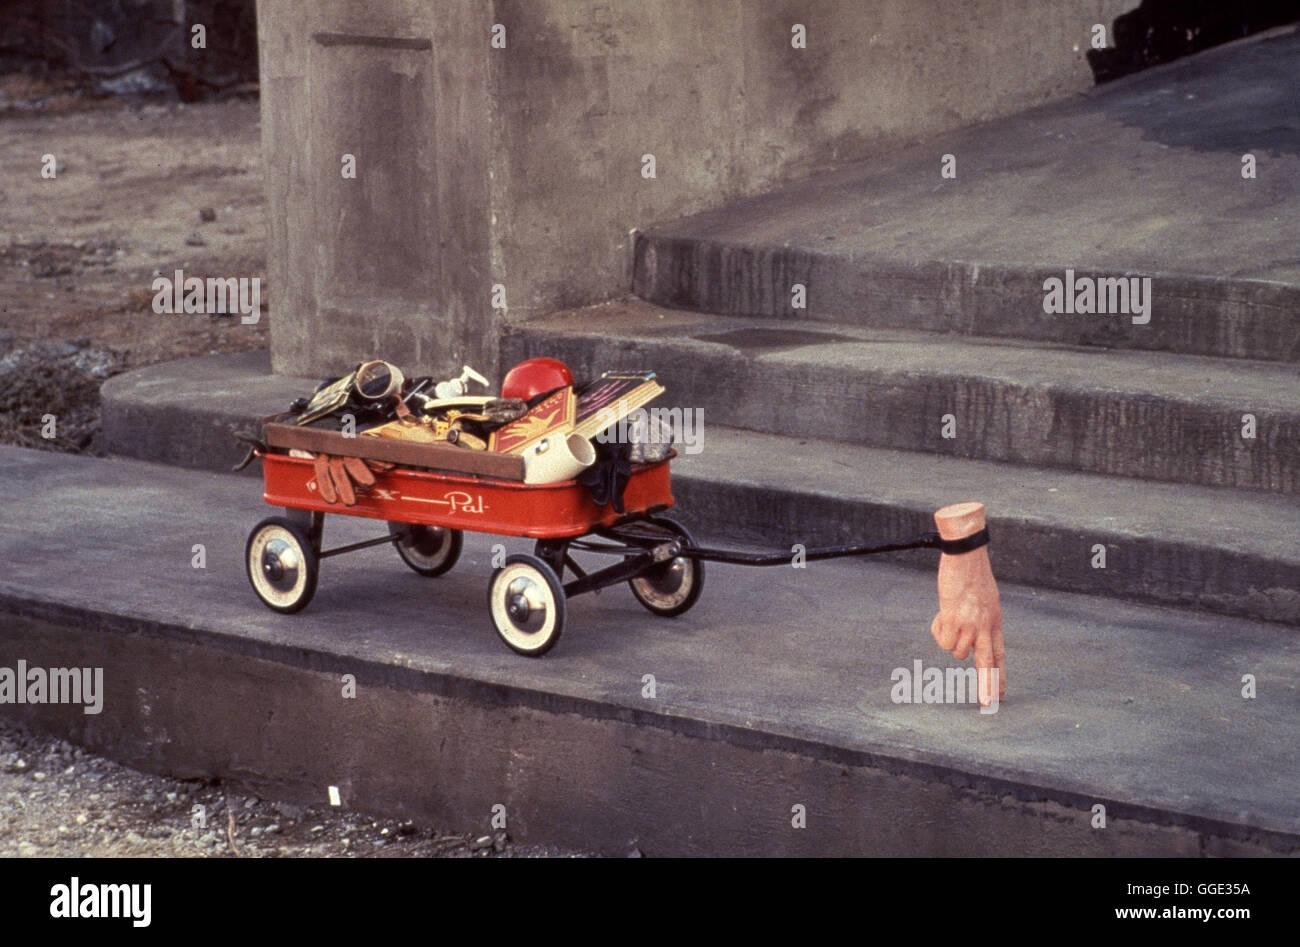 ADDAMS FAMILY / Addams Family USA 1991 / Barry Sonnenfeld Aufnahme des 'Eiskalten Händchens', das sich als Kurierdienst versucht, um der Addams Family zu helfen. Regie: Barry Sonnenfeld aka. Addams Family Stock Photo